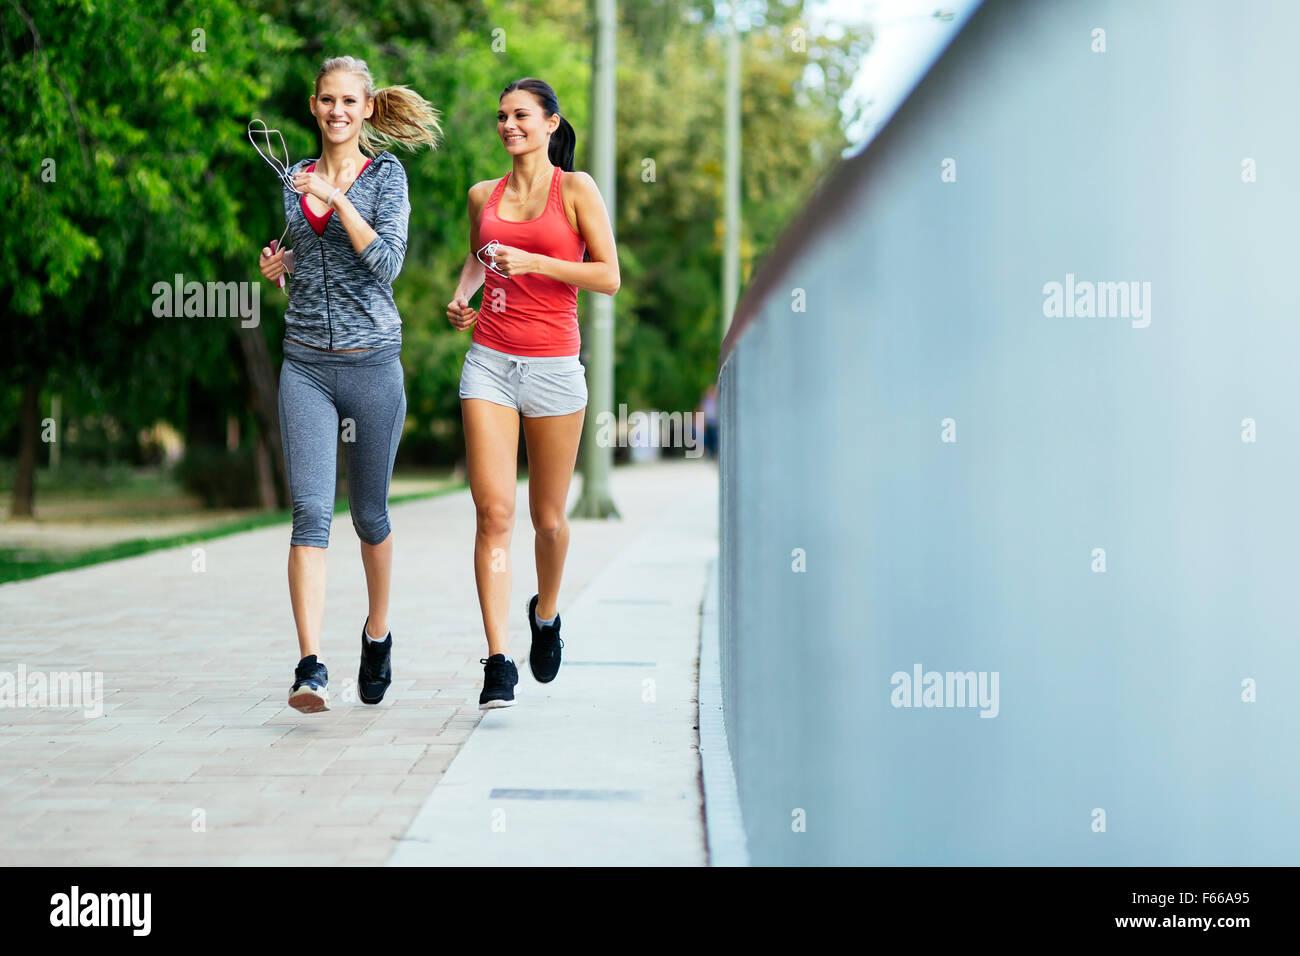 Zwei Frauen, die durch Joggen in Stadt Stockbild